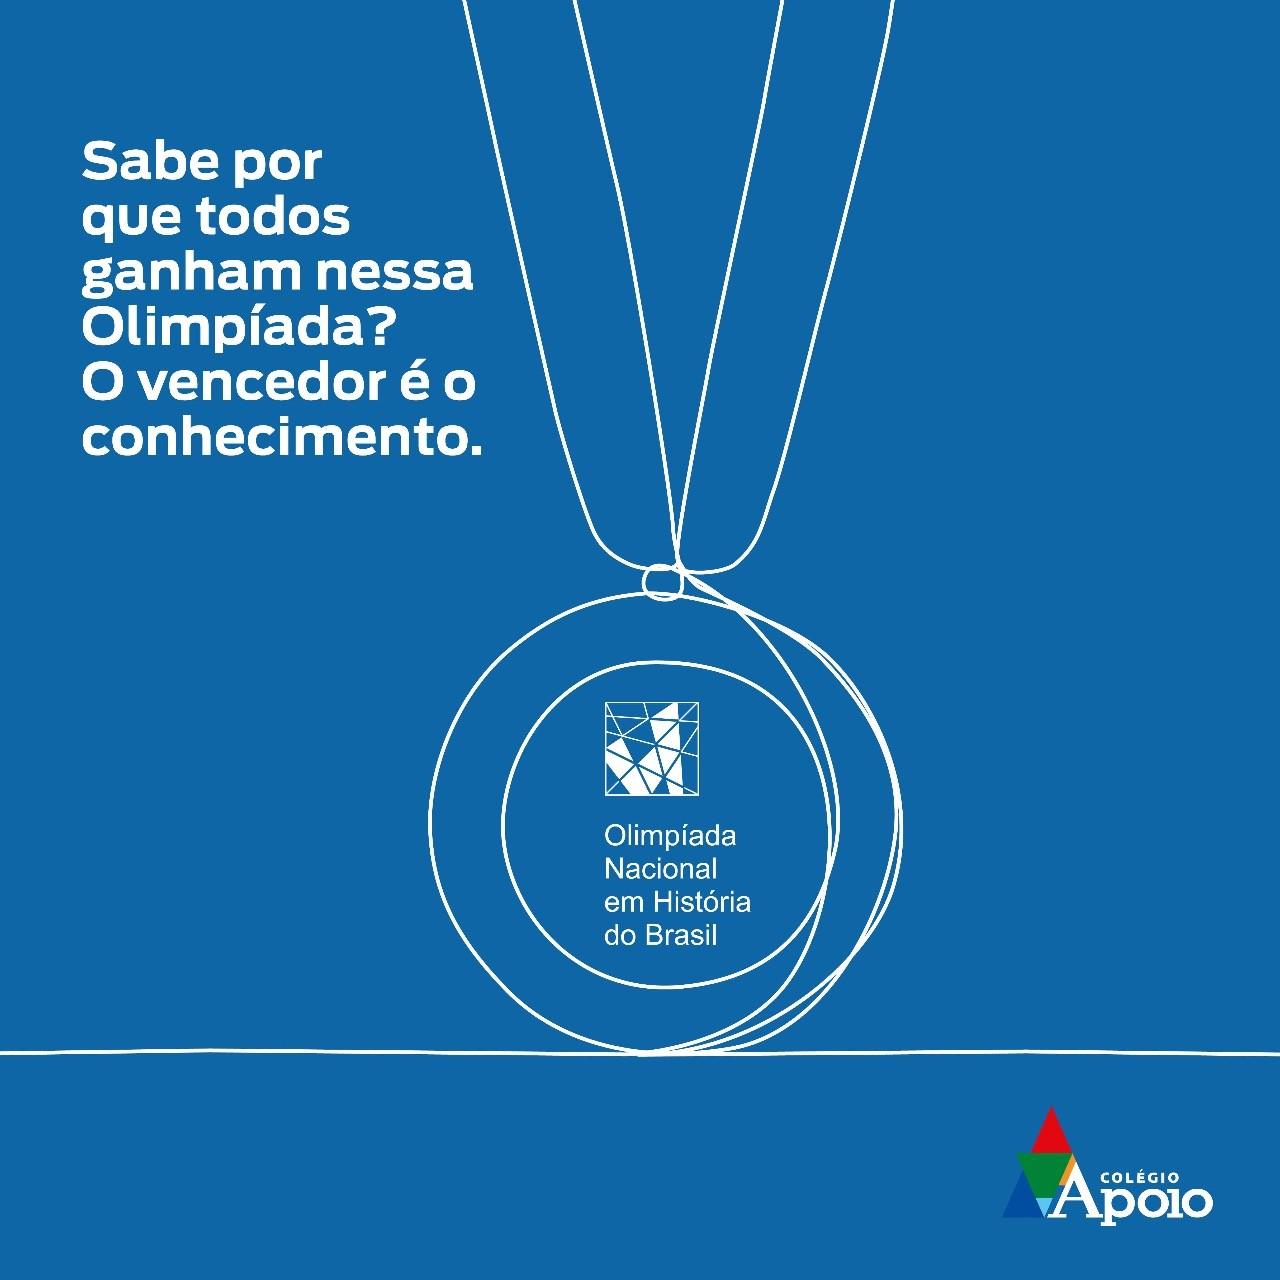 13ª edição da Olimpíada Nacional em História do Brasil (ONHB).